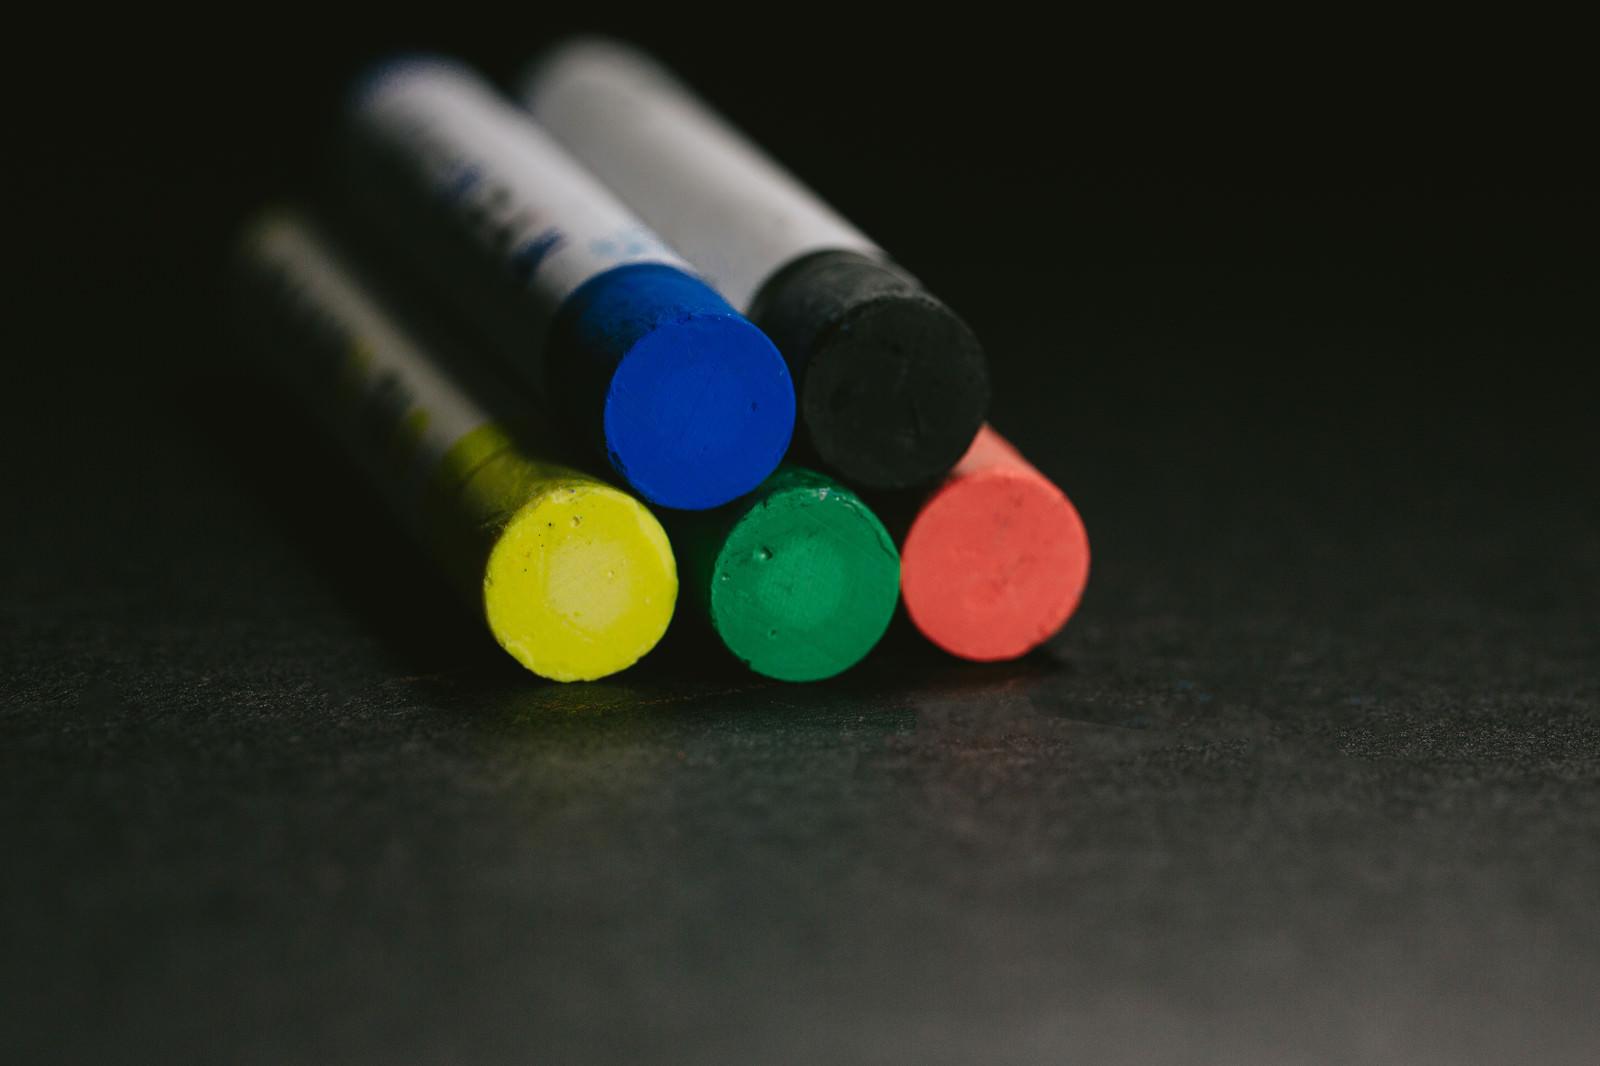 「赤・緑・黄・青・黒のクレヨン(5本)」の写真